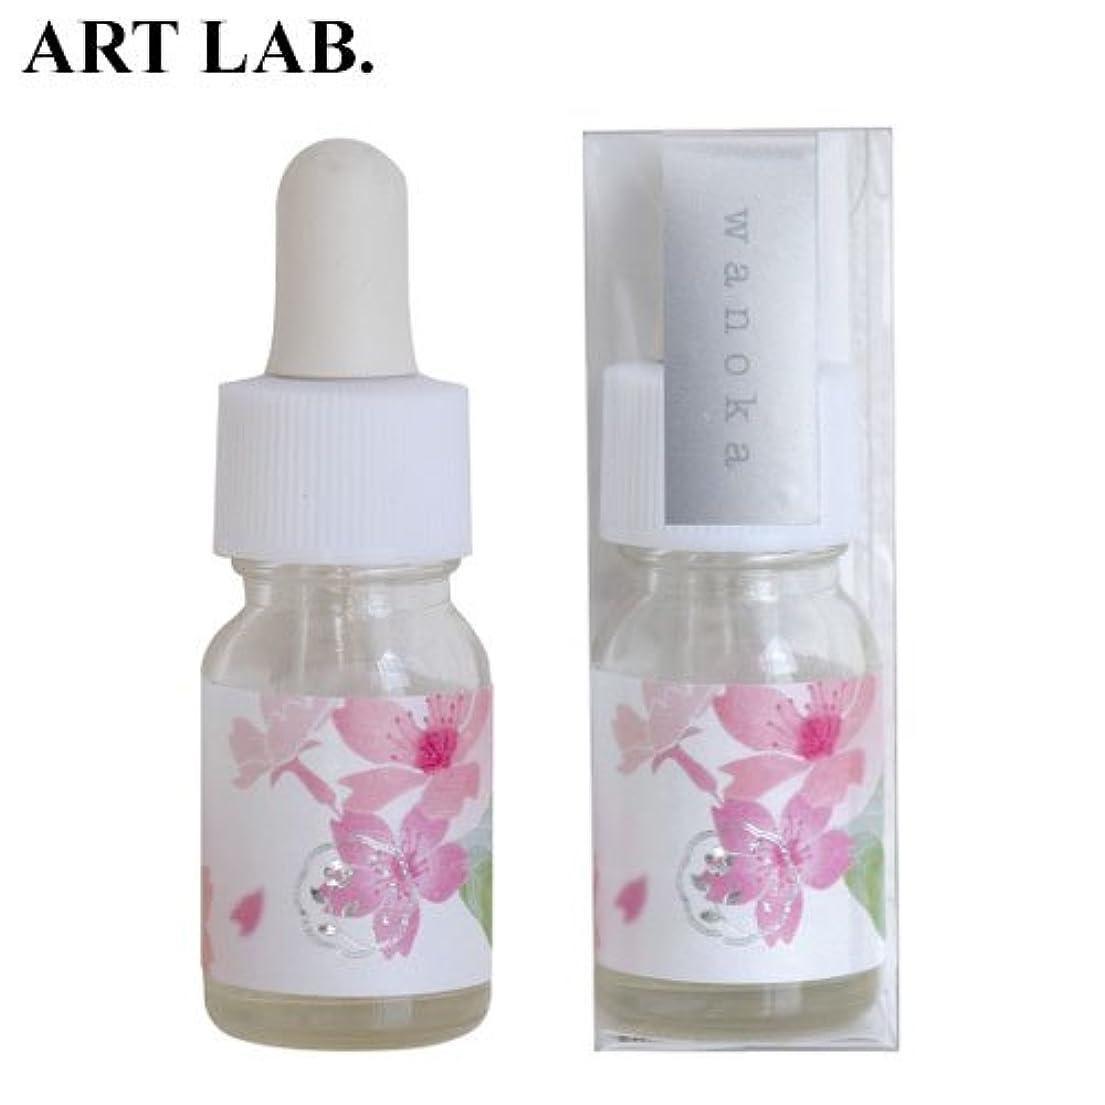 パイプライン密輸倒錯wanoka香油アロマオイル桜《桜をイメージした甘い香り》ART LABAromatic oil